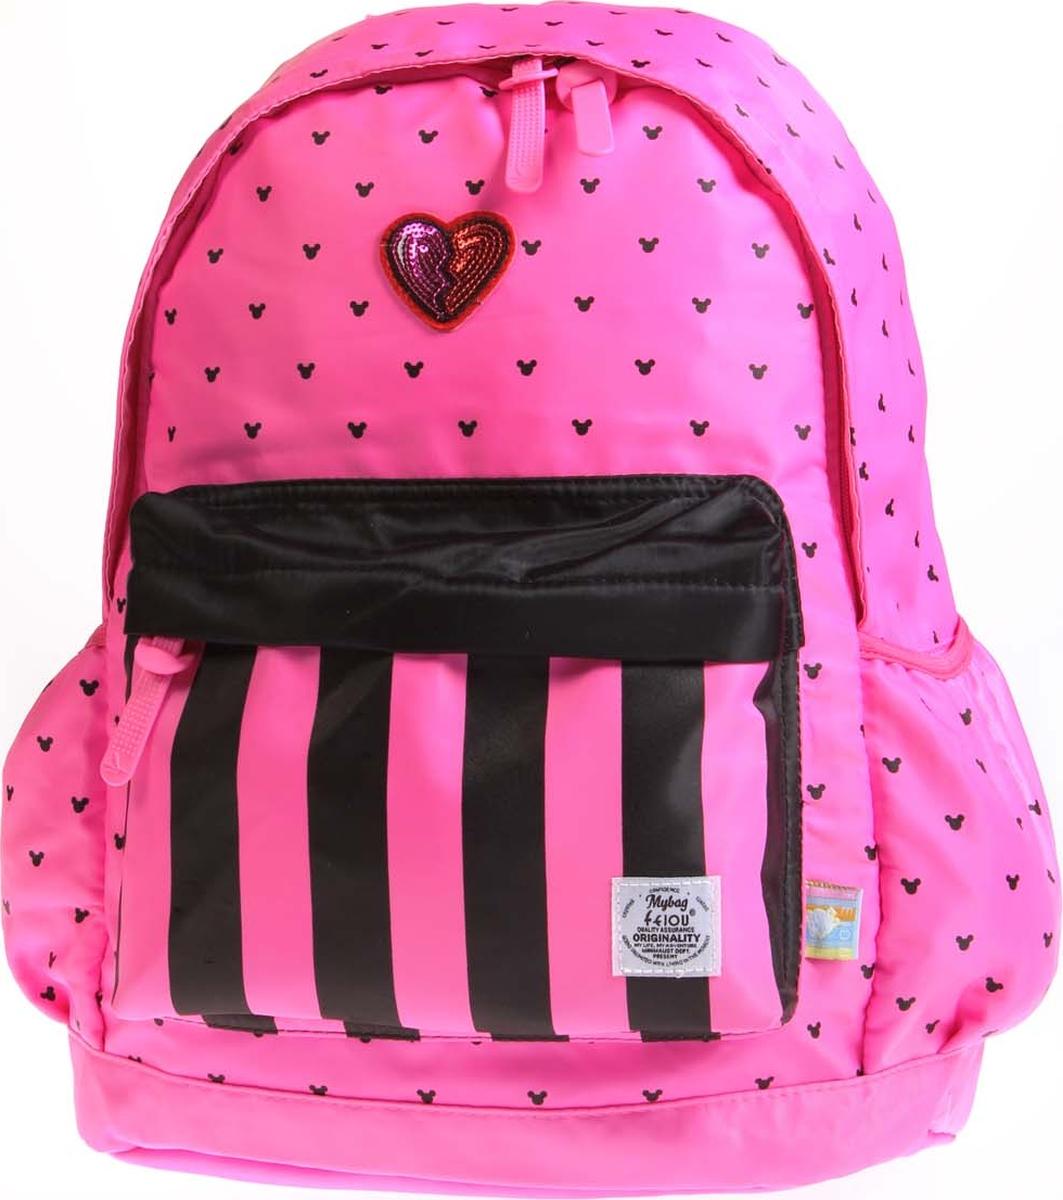 Vittorio Richi Рюкзак детский с наполнением цвет розовый черный K05R5501 рюкзак детский mojo pax mojo pax рюкзак boombox с колонками черный белый